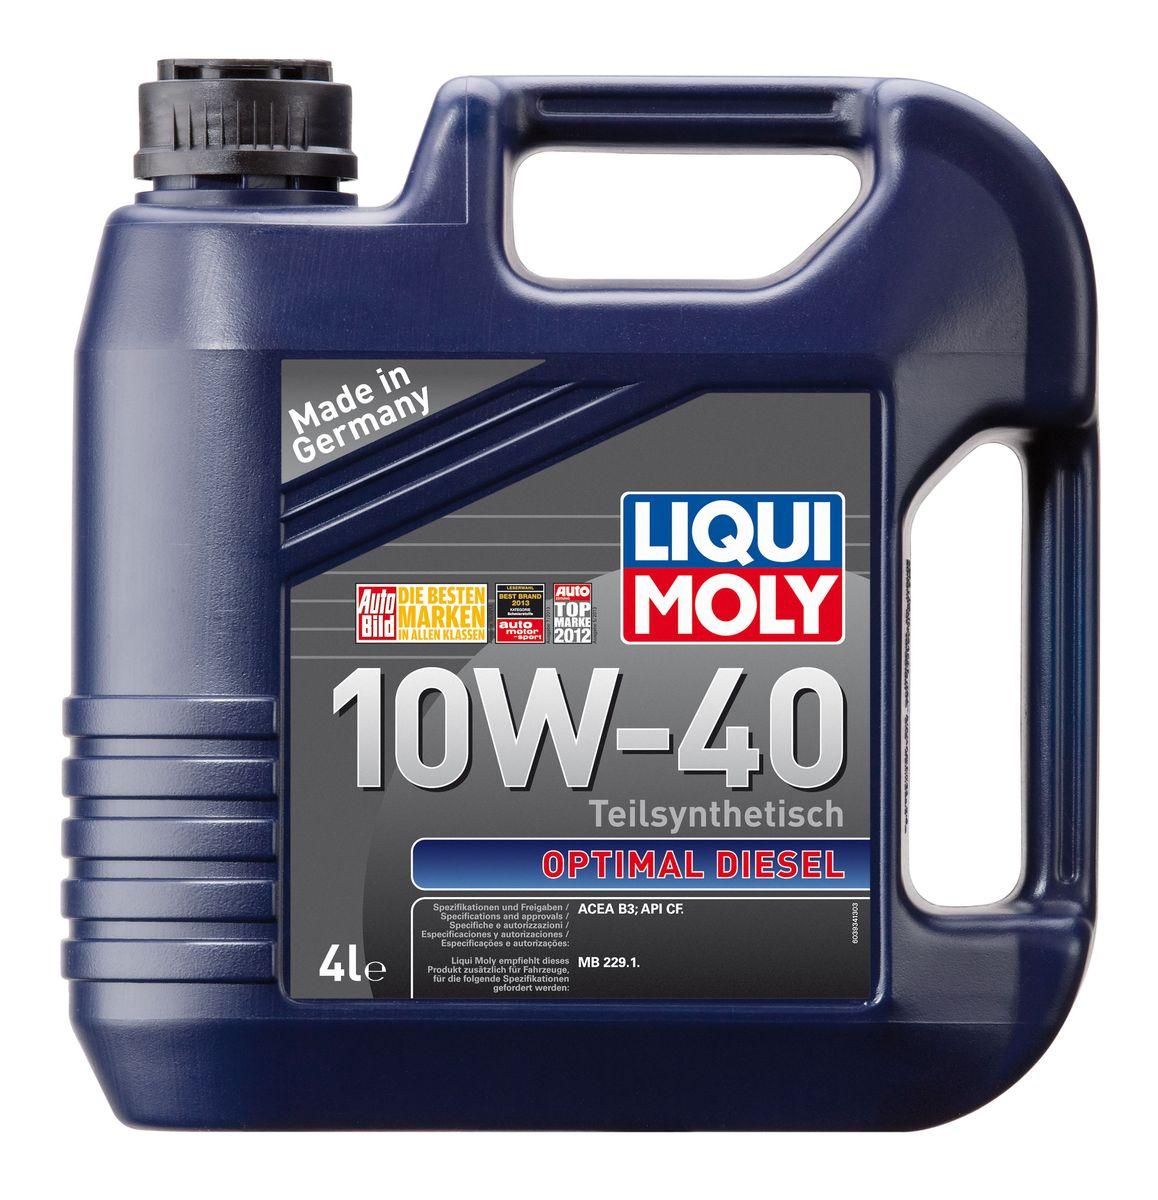 Масло моторное Liqui Moly Optimal Diesel, полусинтетическое, 10W-40, 4 л2706 (ПО)Масло моторное Liqui Moly Optimal Diesel - это полусинтетическое моторное масло специально для дизельных двигателей с адаптированным для российских условий пакетом присадок. Удовлетворяет современным международным стандартам API/ACEA. Подходит для широкого круга дизельных иномарок предыдущих поколений. В моторном масле используются синтетические и минеральные базовые компоненты, отличающиеся высокими защитными свойствами. Масло обеспечивает высокий уровень защиты от износа и гарантирует стабильное поступление масла ко всем деталям двигателя.Особенности: - Специальная формула для дизельных двигателей без сажевого фильтра- Надежная защита от износа- Низкий расход масла- Оптимальная чистота двигателя